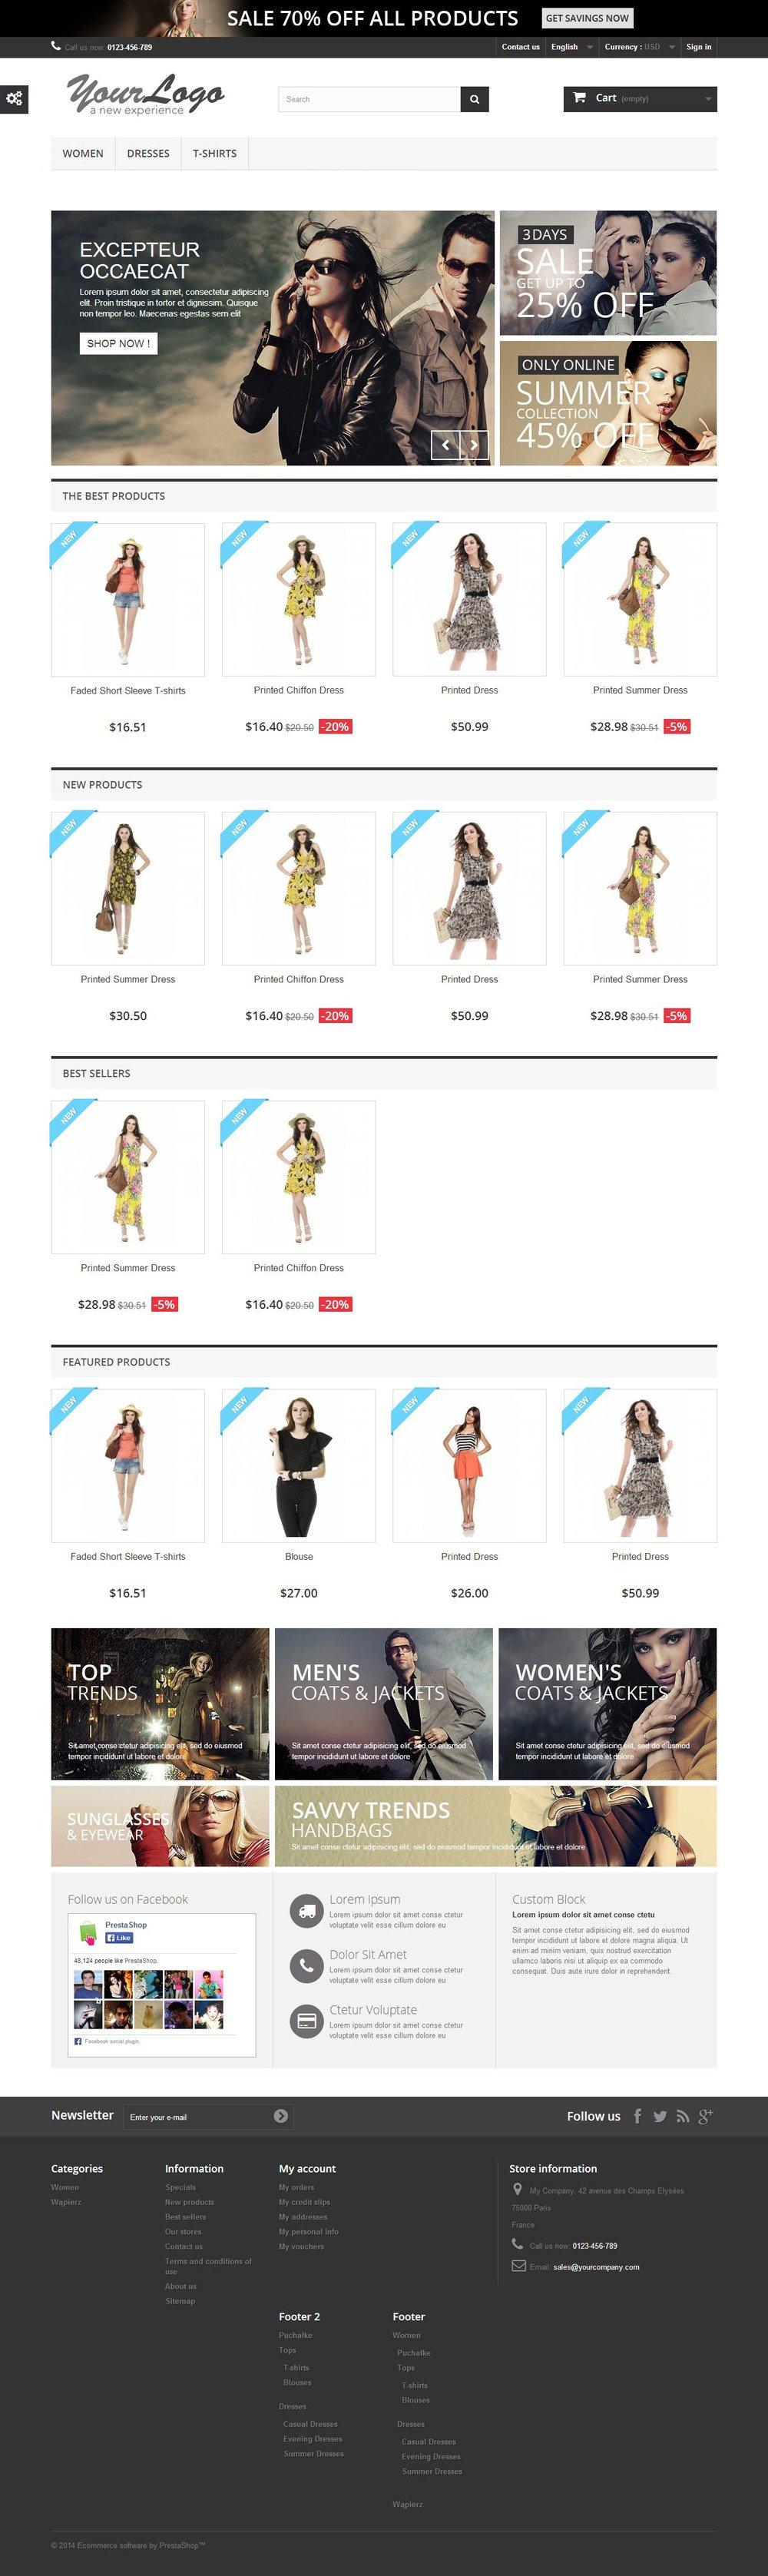 10-homepage.jpg